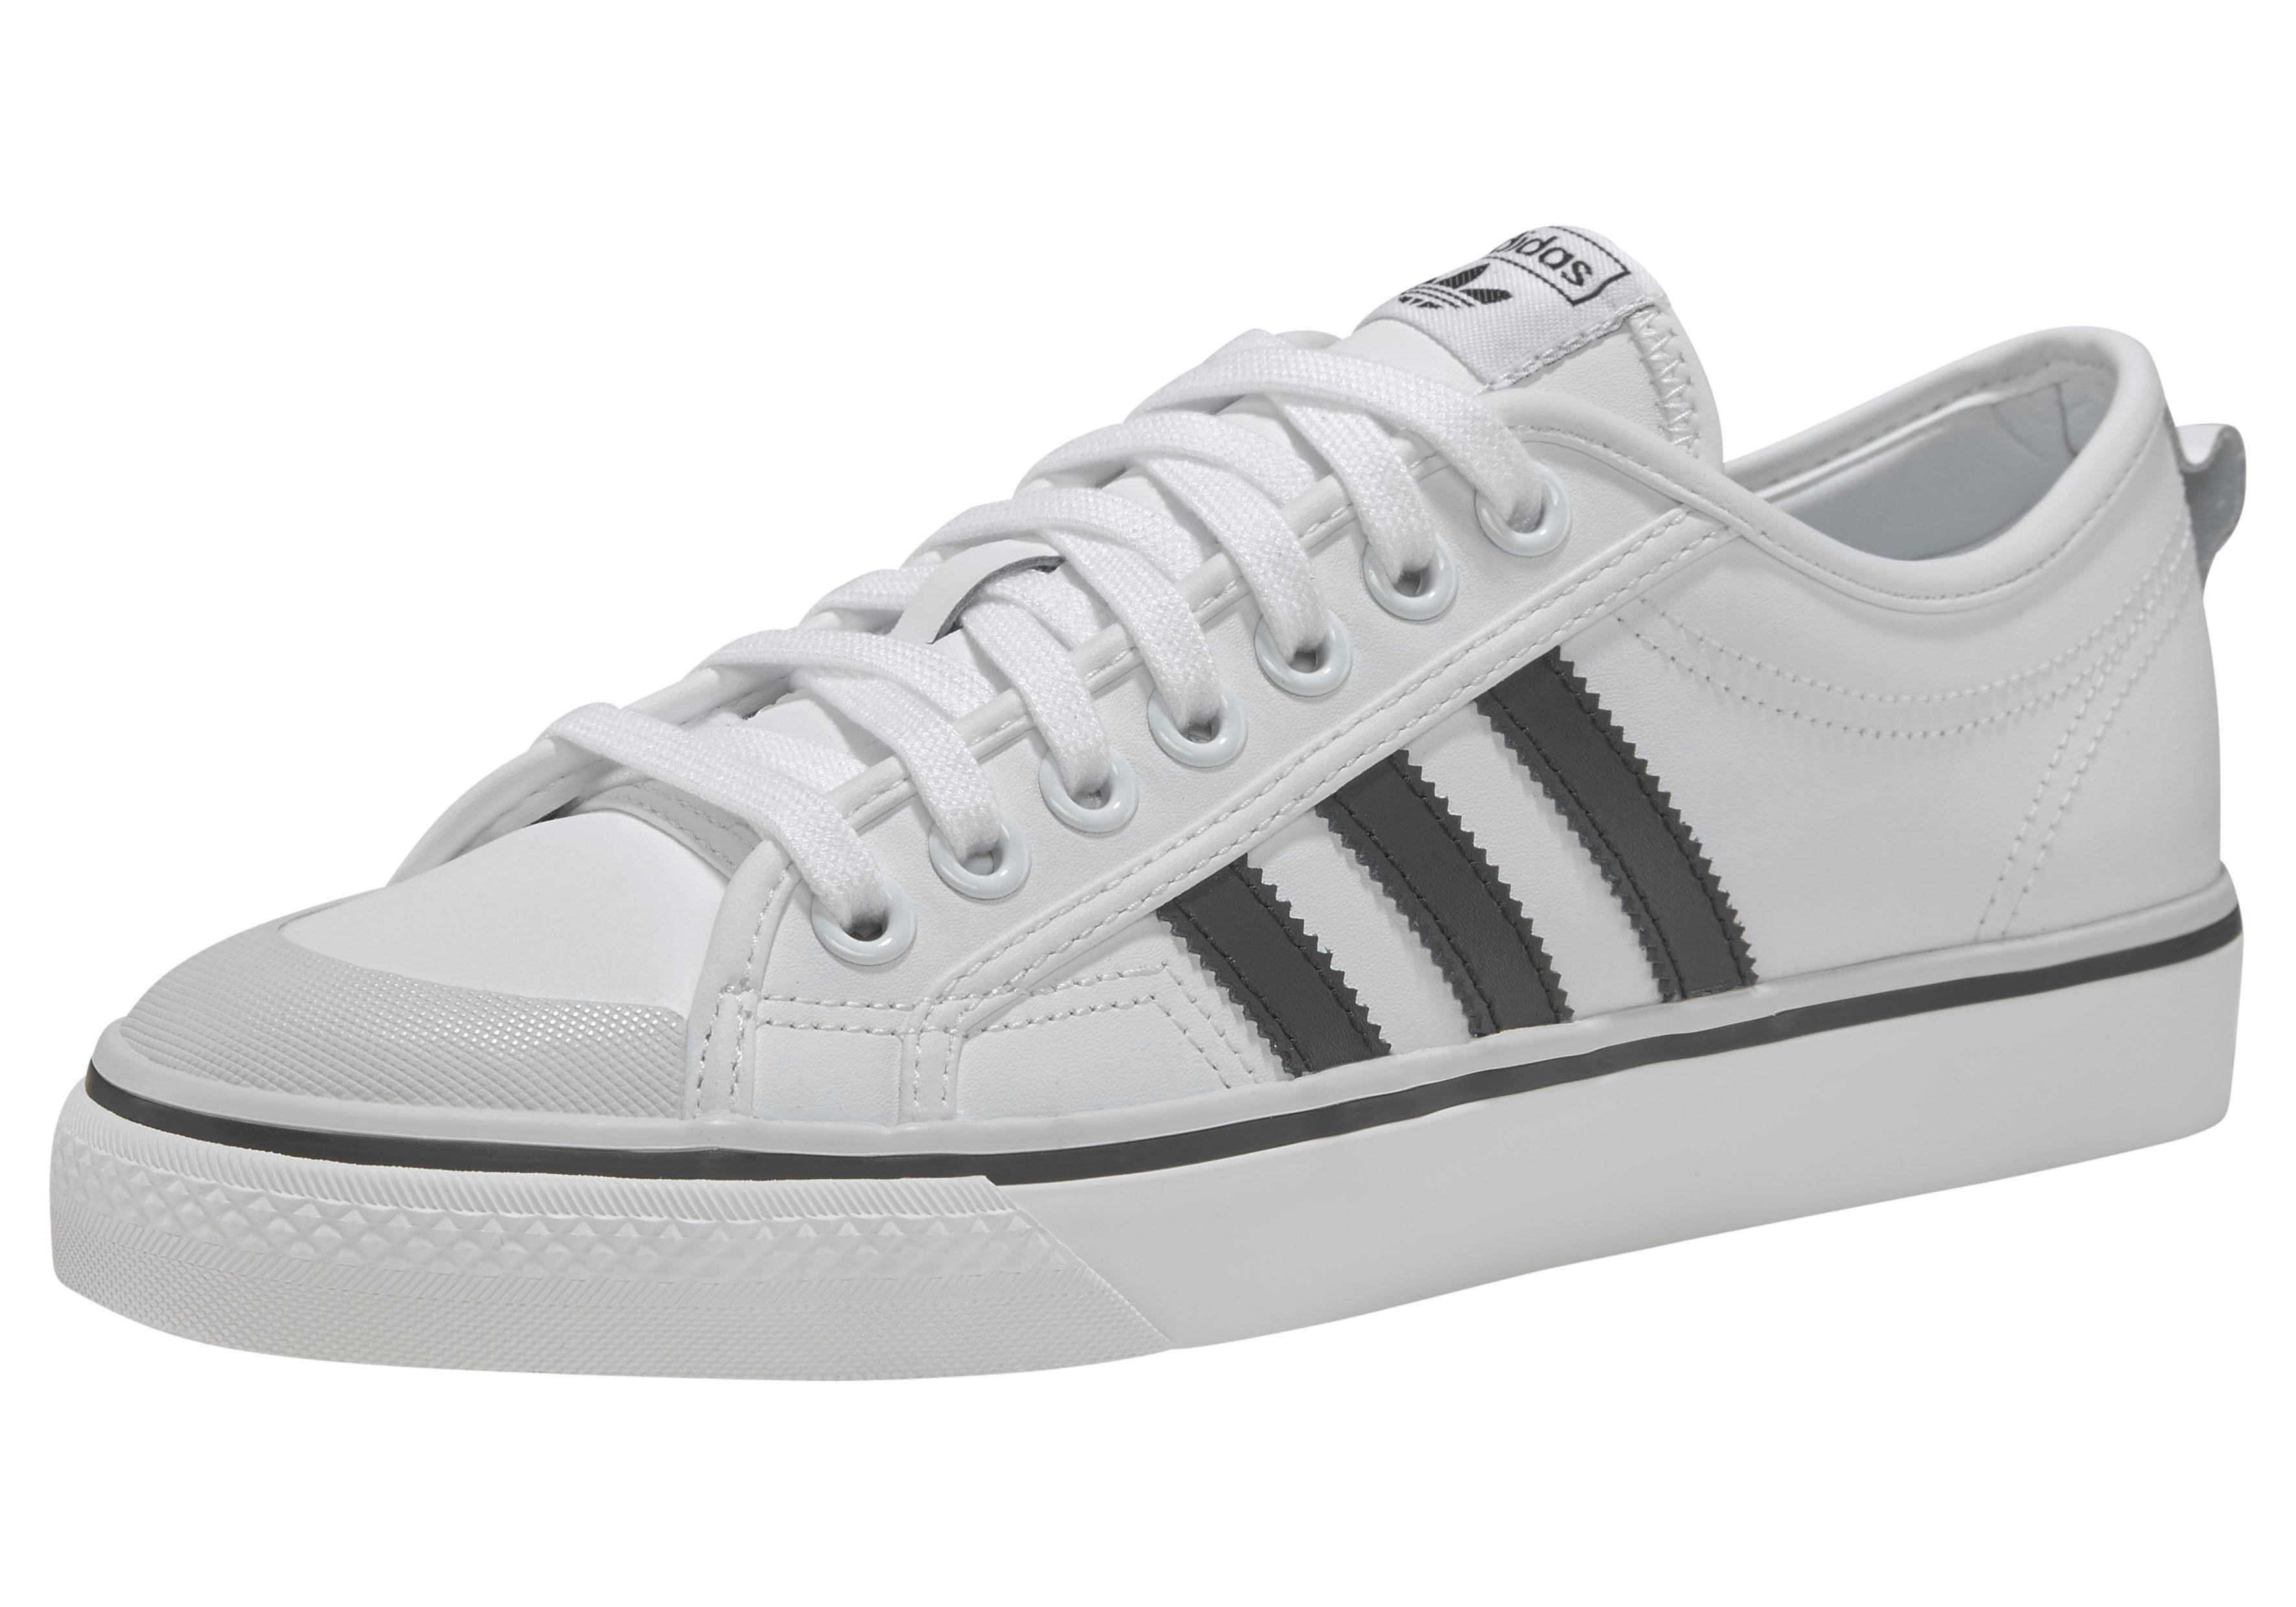 adidas Originals »Nizza« Sneaker, Weiches Obermaterial aus Leder online kaufen | OTTO